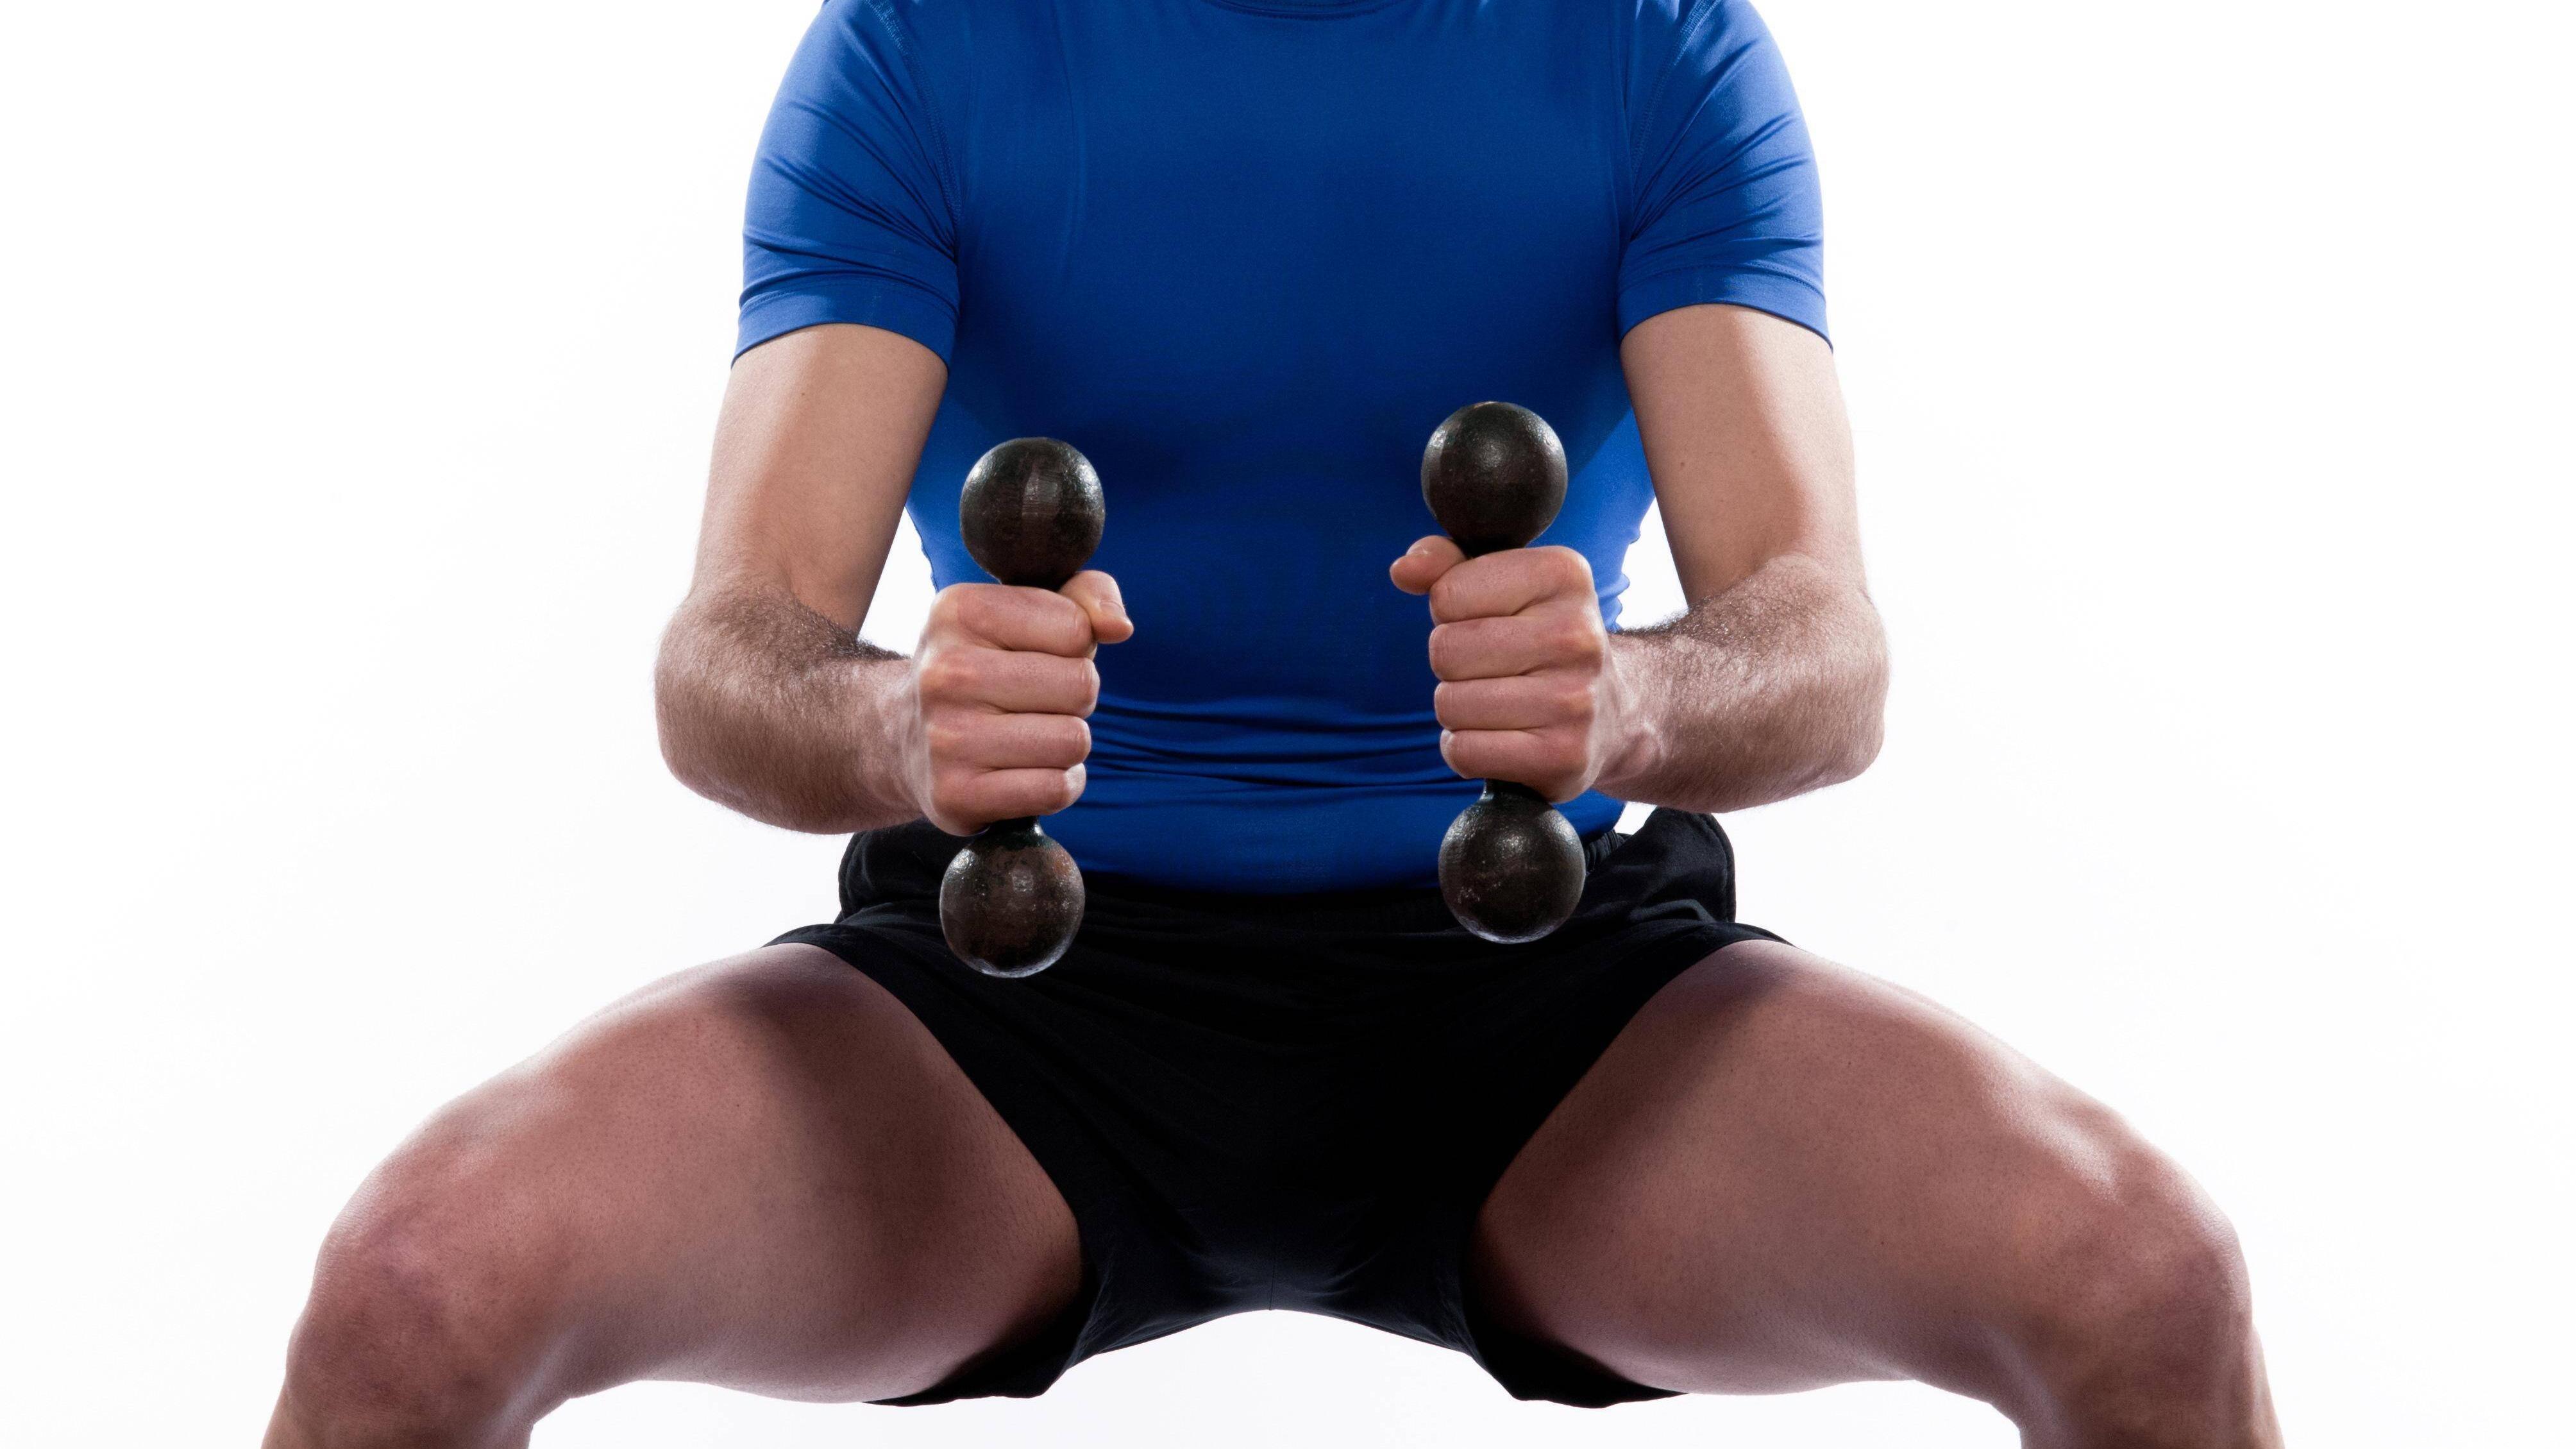 Indem Sie Hanteln verwenden, können Sie den Effekt der Squat-Rotationen noch verstärken.